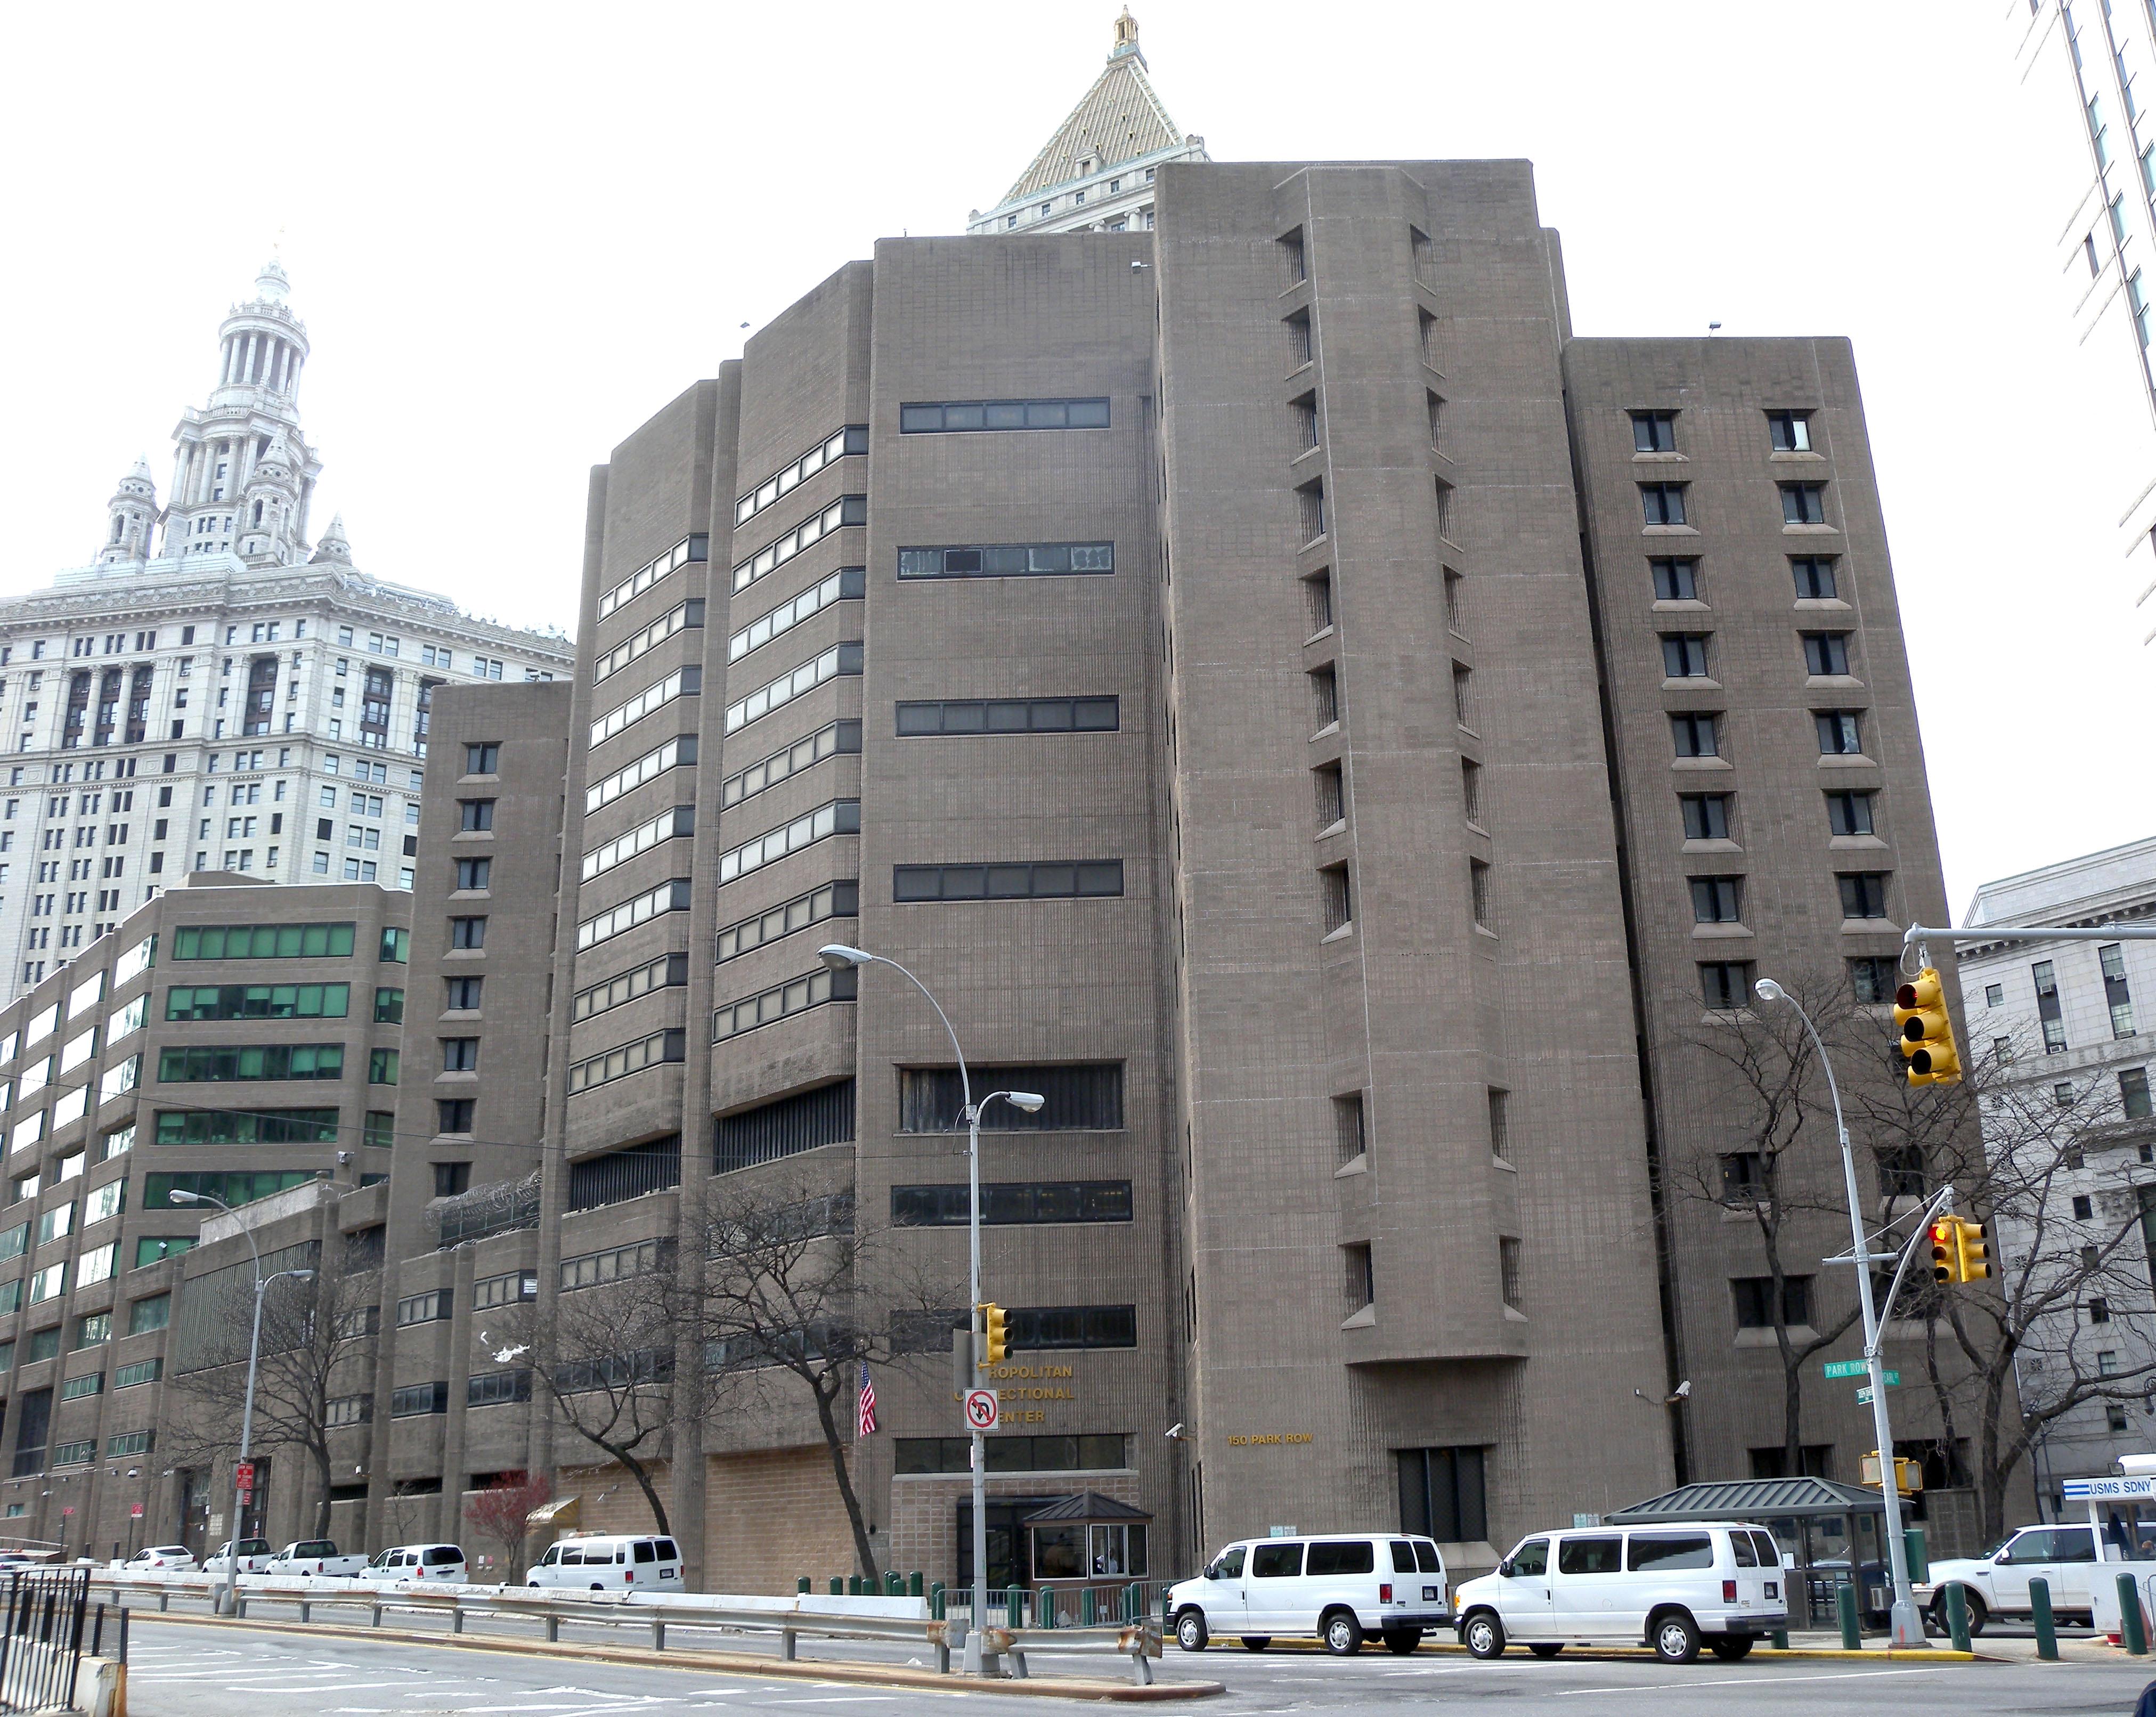 metropolitan correctional center new york metropolitan correctional center new york